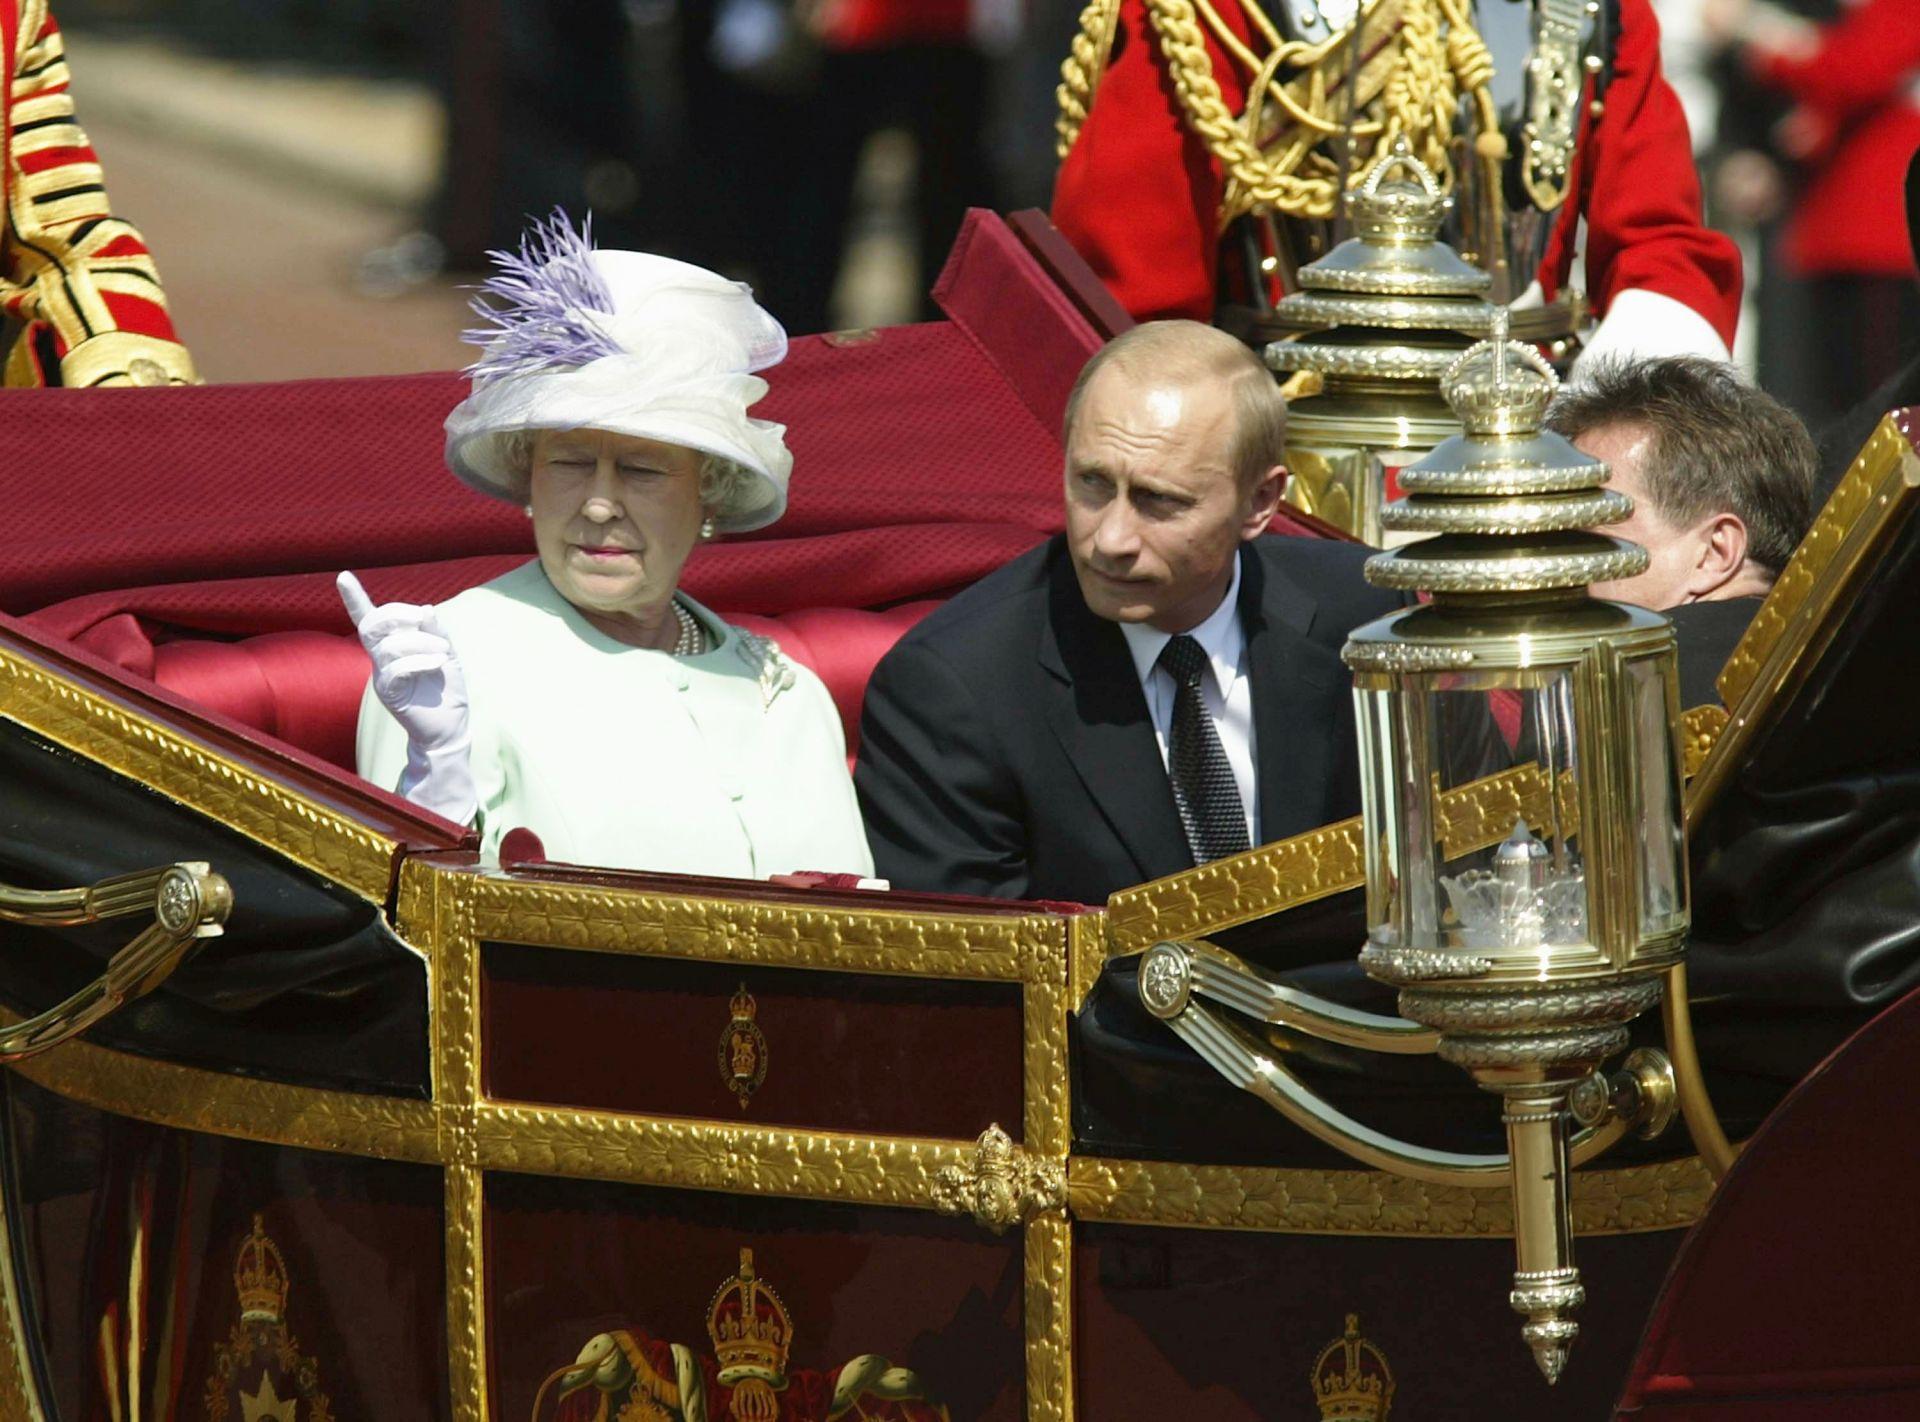 24 юни 2003 г. - Владимир Путин е придружаван от Нейно величество кралица Елизабет Втора на шествие в Лондон. Посещението е първото за руски президент от 1843 г.